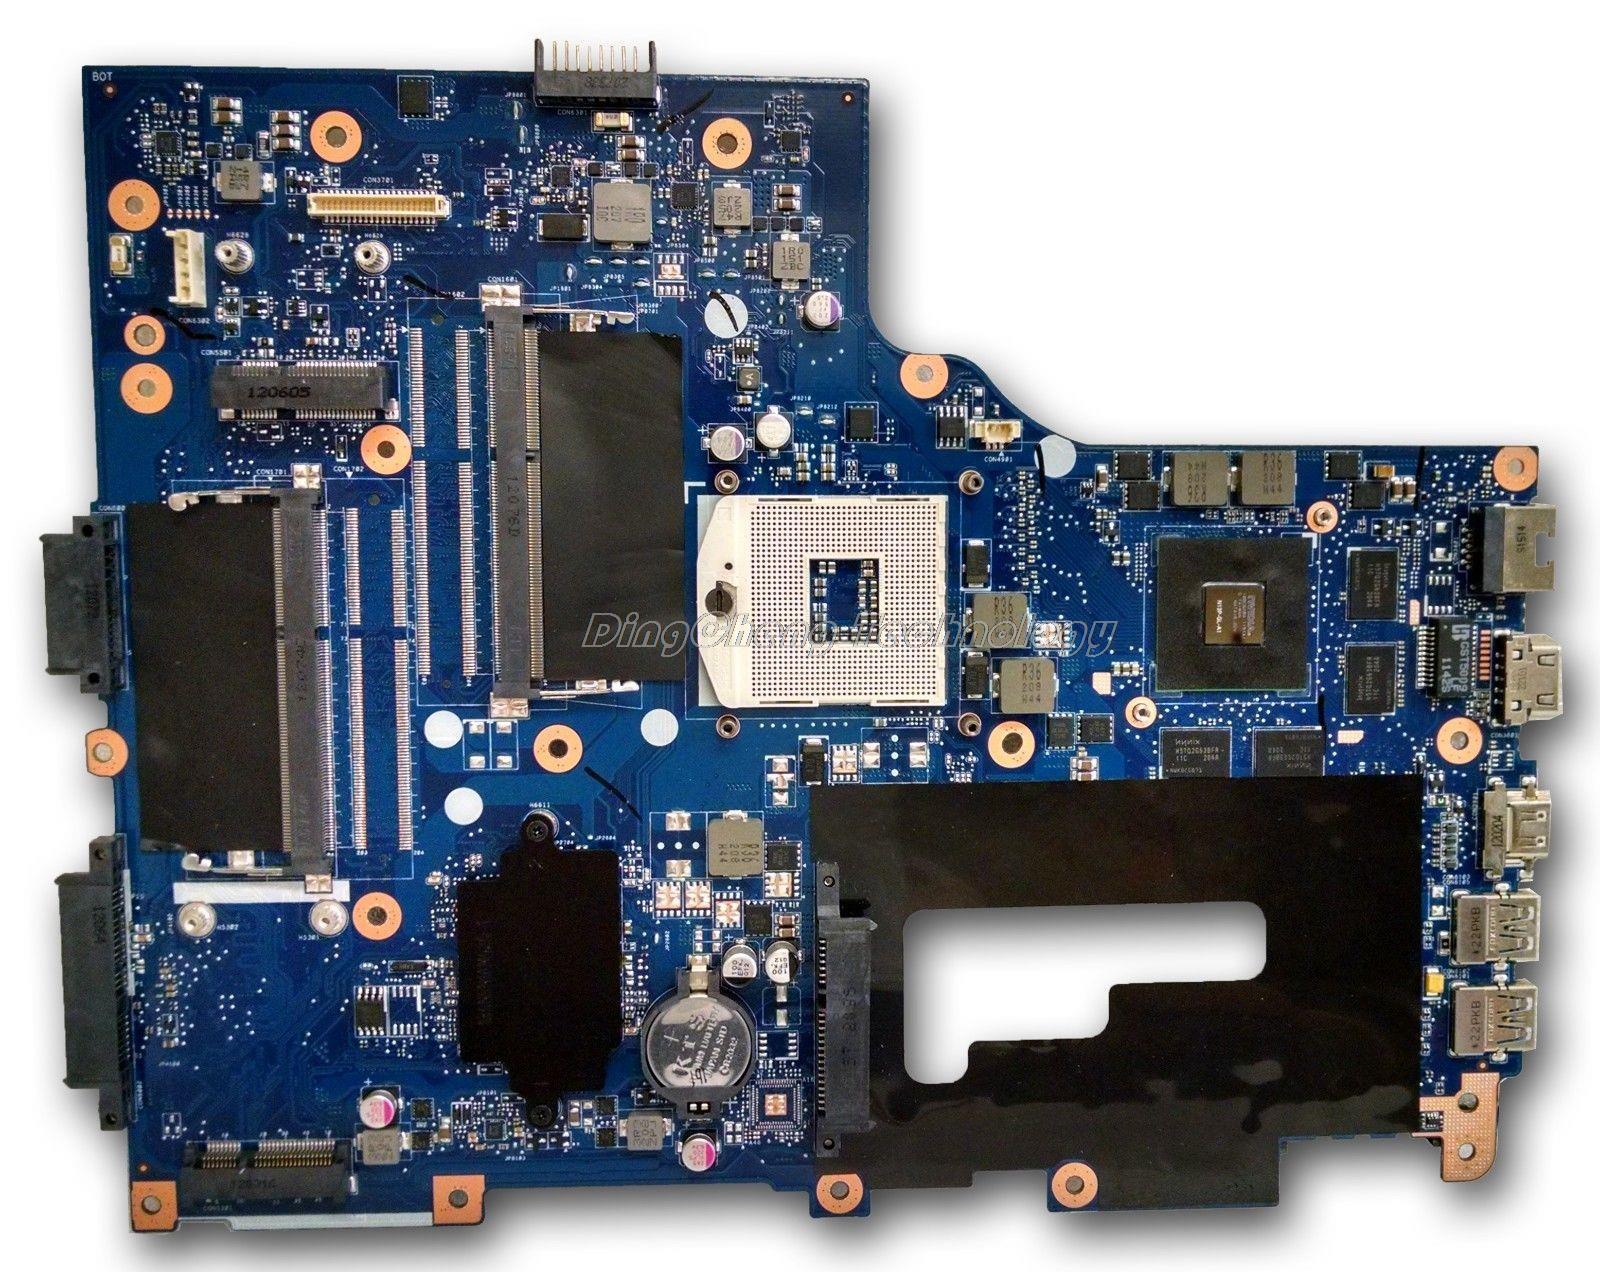 HOLYTIME laptop Motherboard For font b Acer b font V3 771 VA70 VG70 NBRYQ11001 NB RYQ11